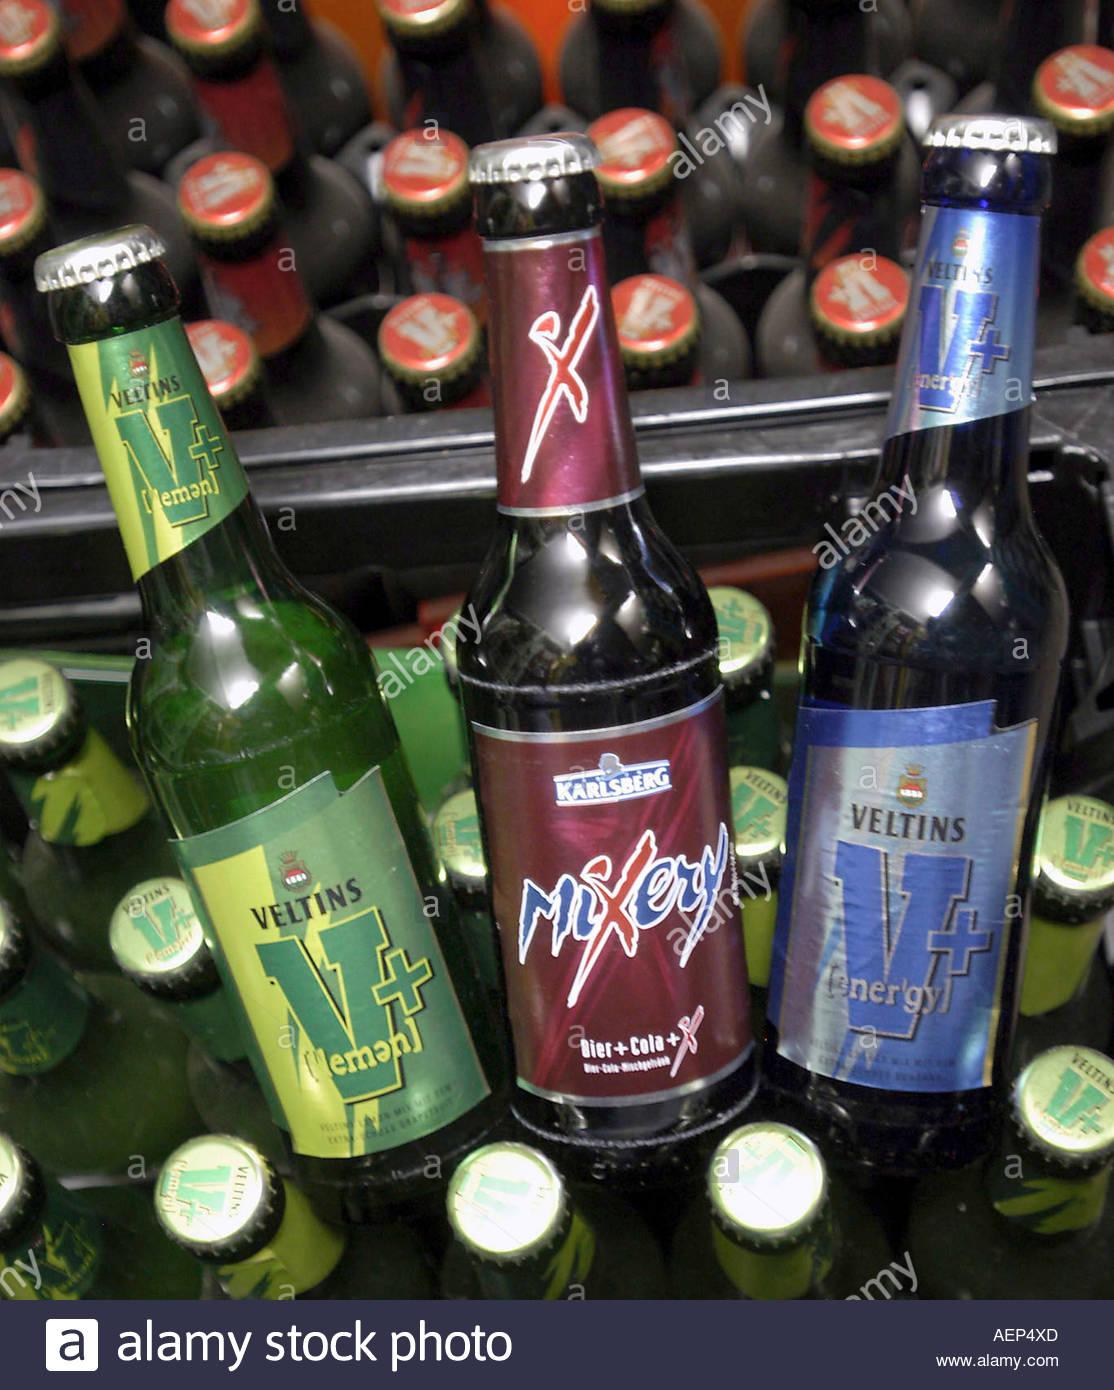 Bier Mixgetraenke Stock Photo: 7846316 - Alamy